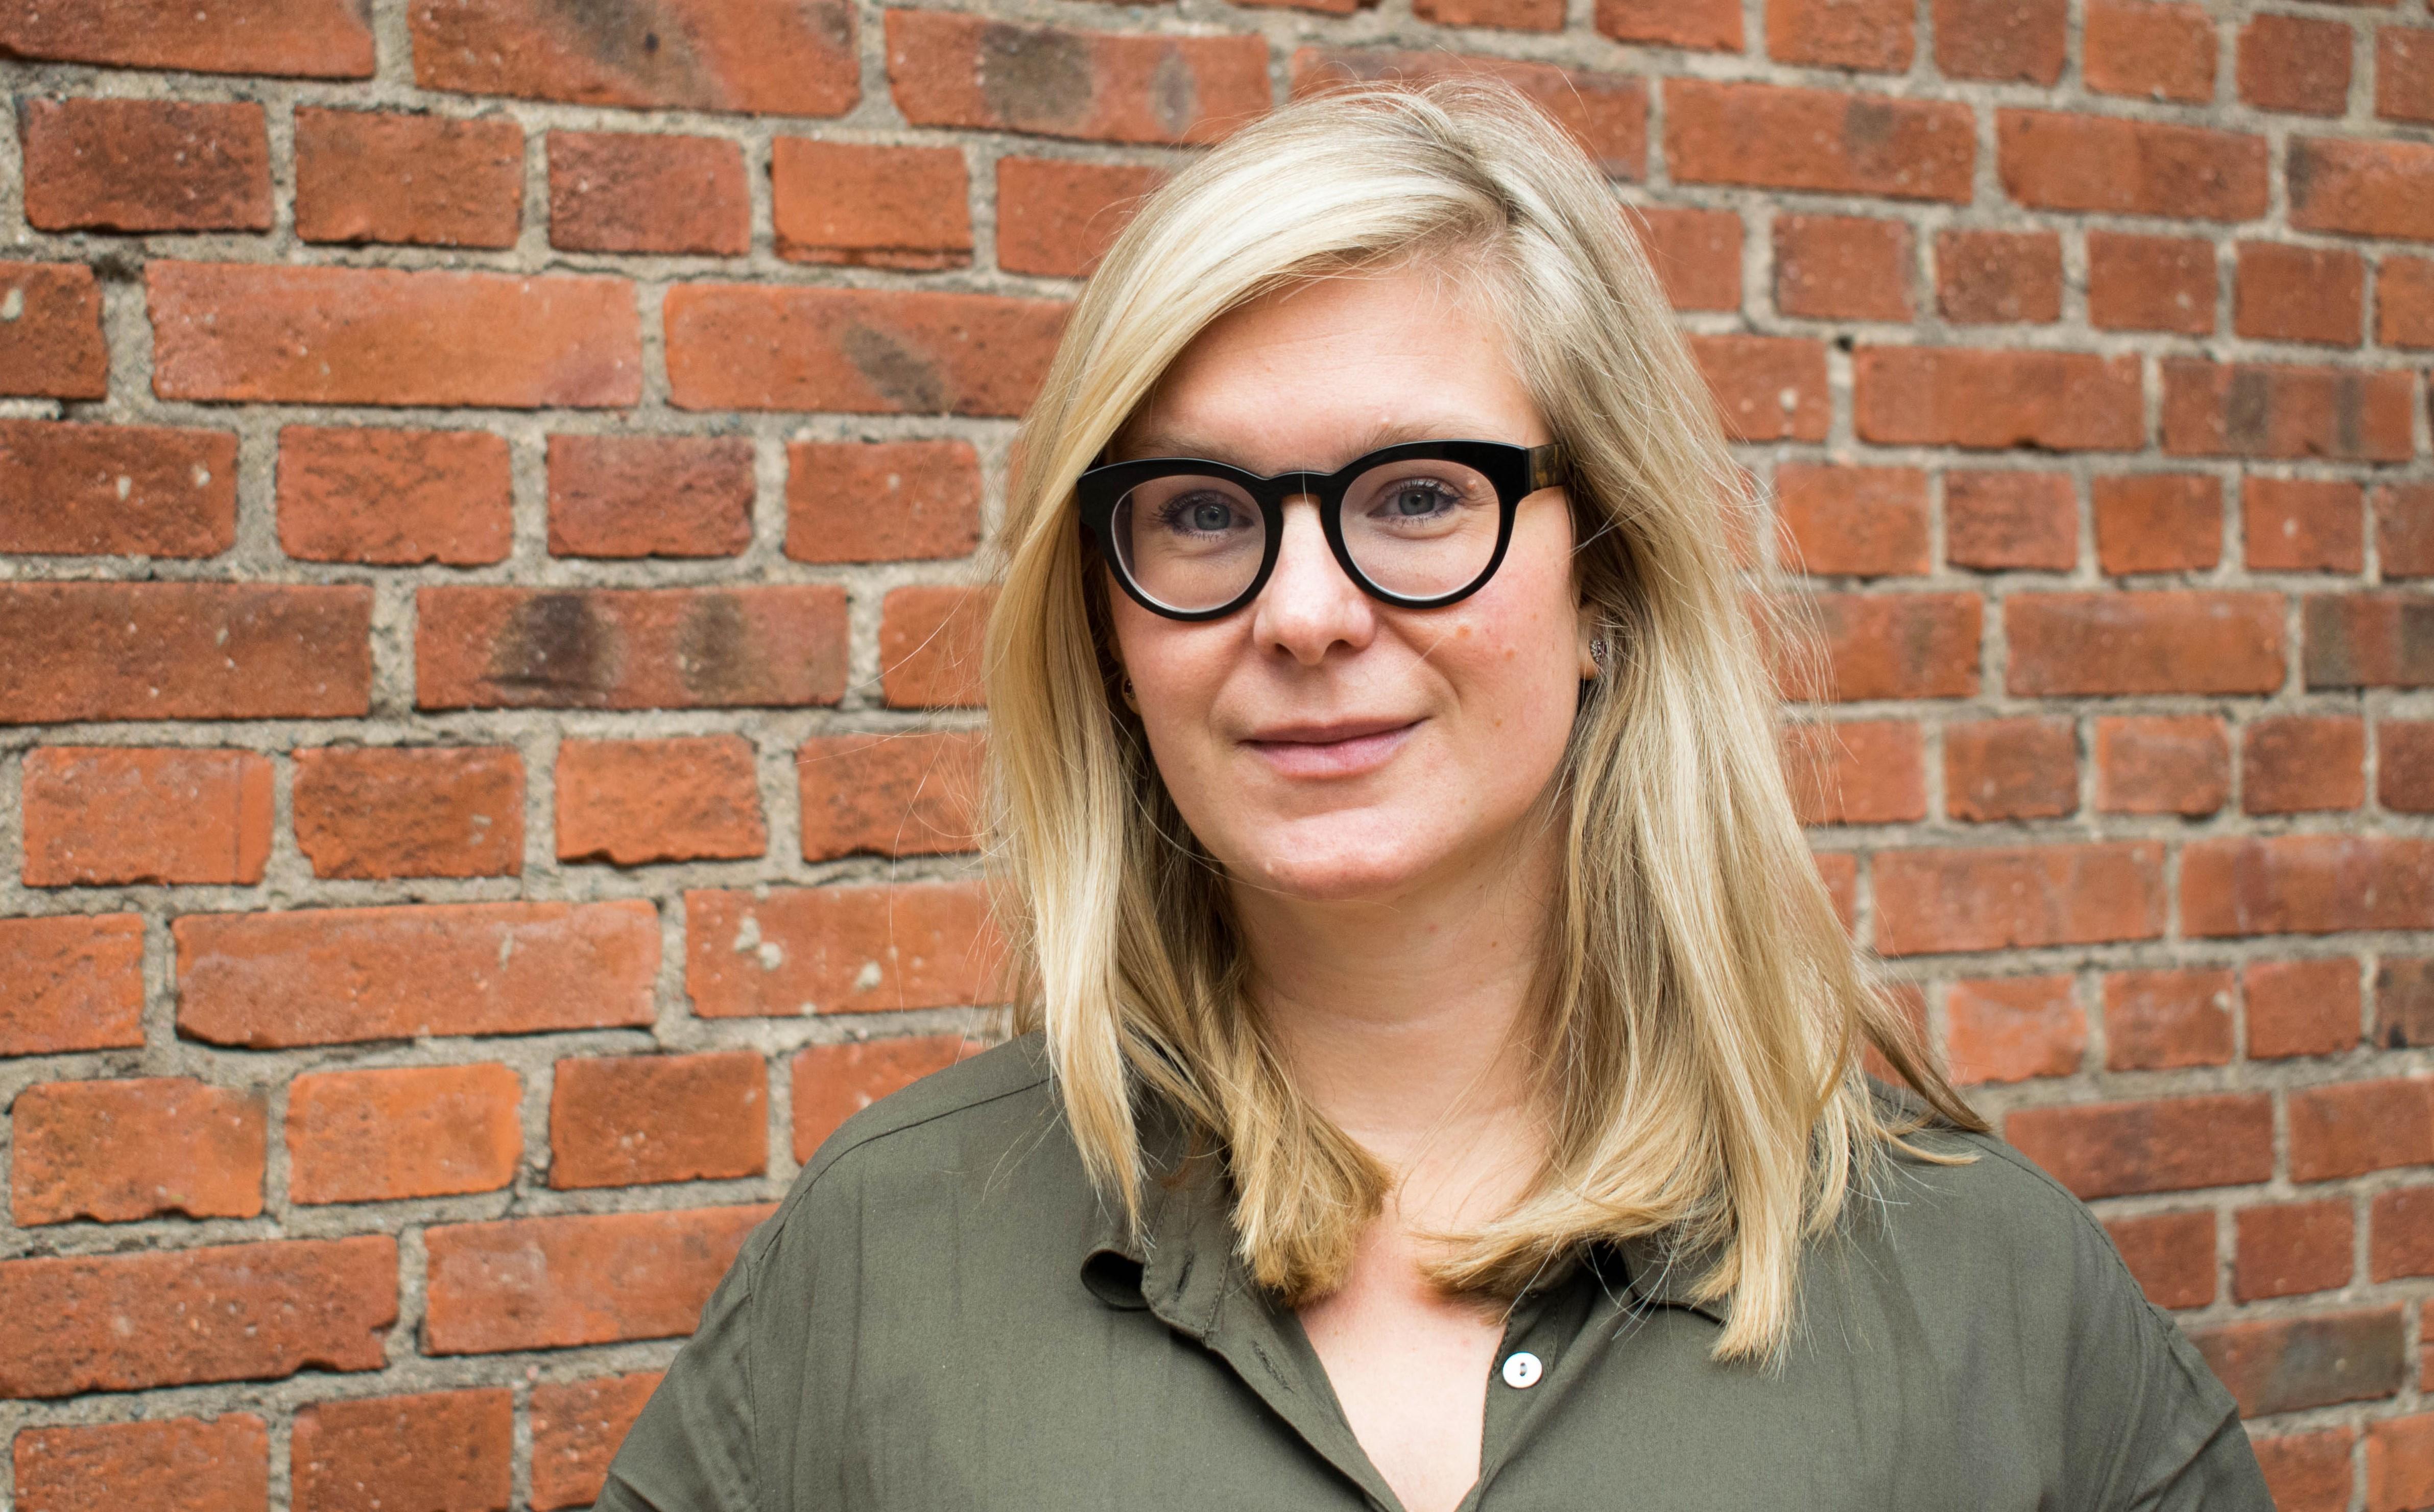 Katarina Gold blir ny chef för avdelningen råd och stöd på Barncancerfonden. Foto: Hans Kullin